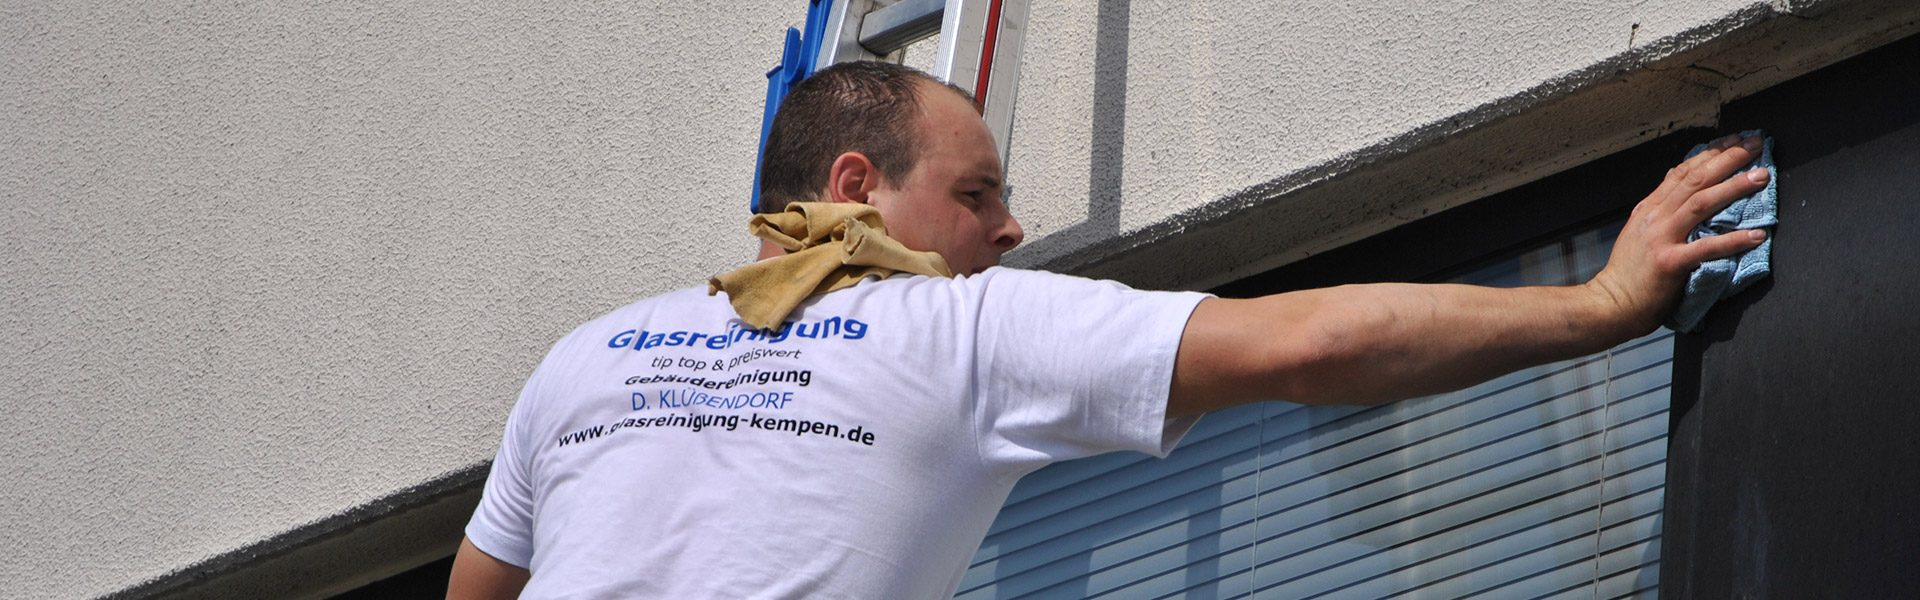 Herr Klüßendorf bei der Glasreinigung